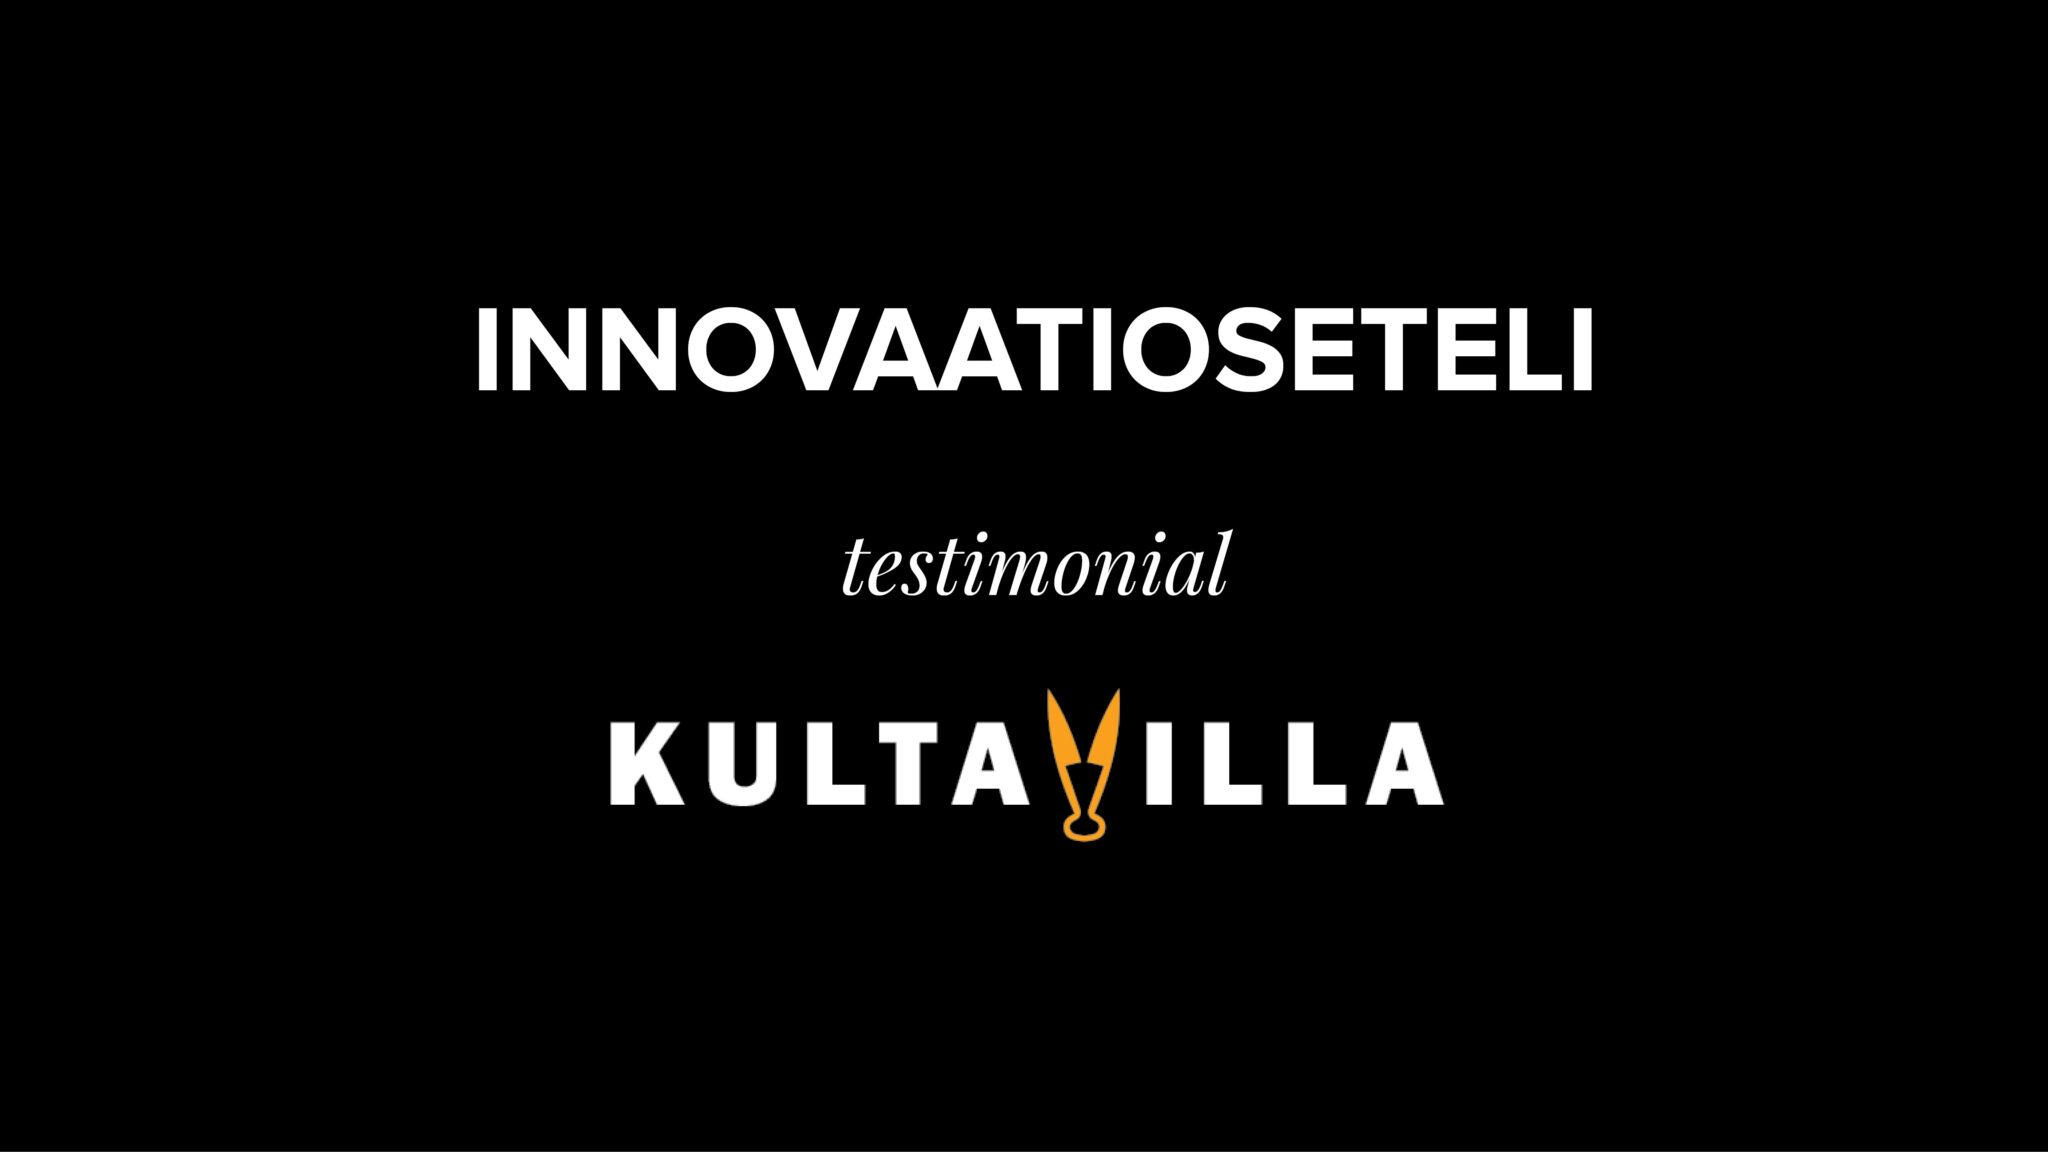 The Innovation voucher – Kultavilla